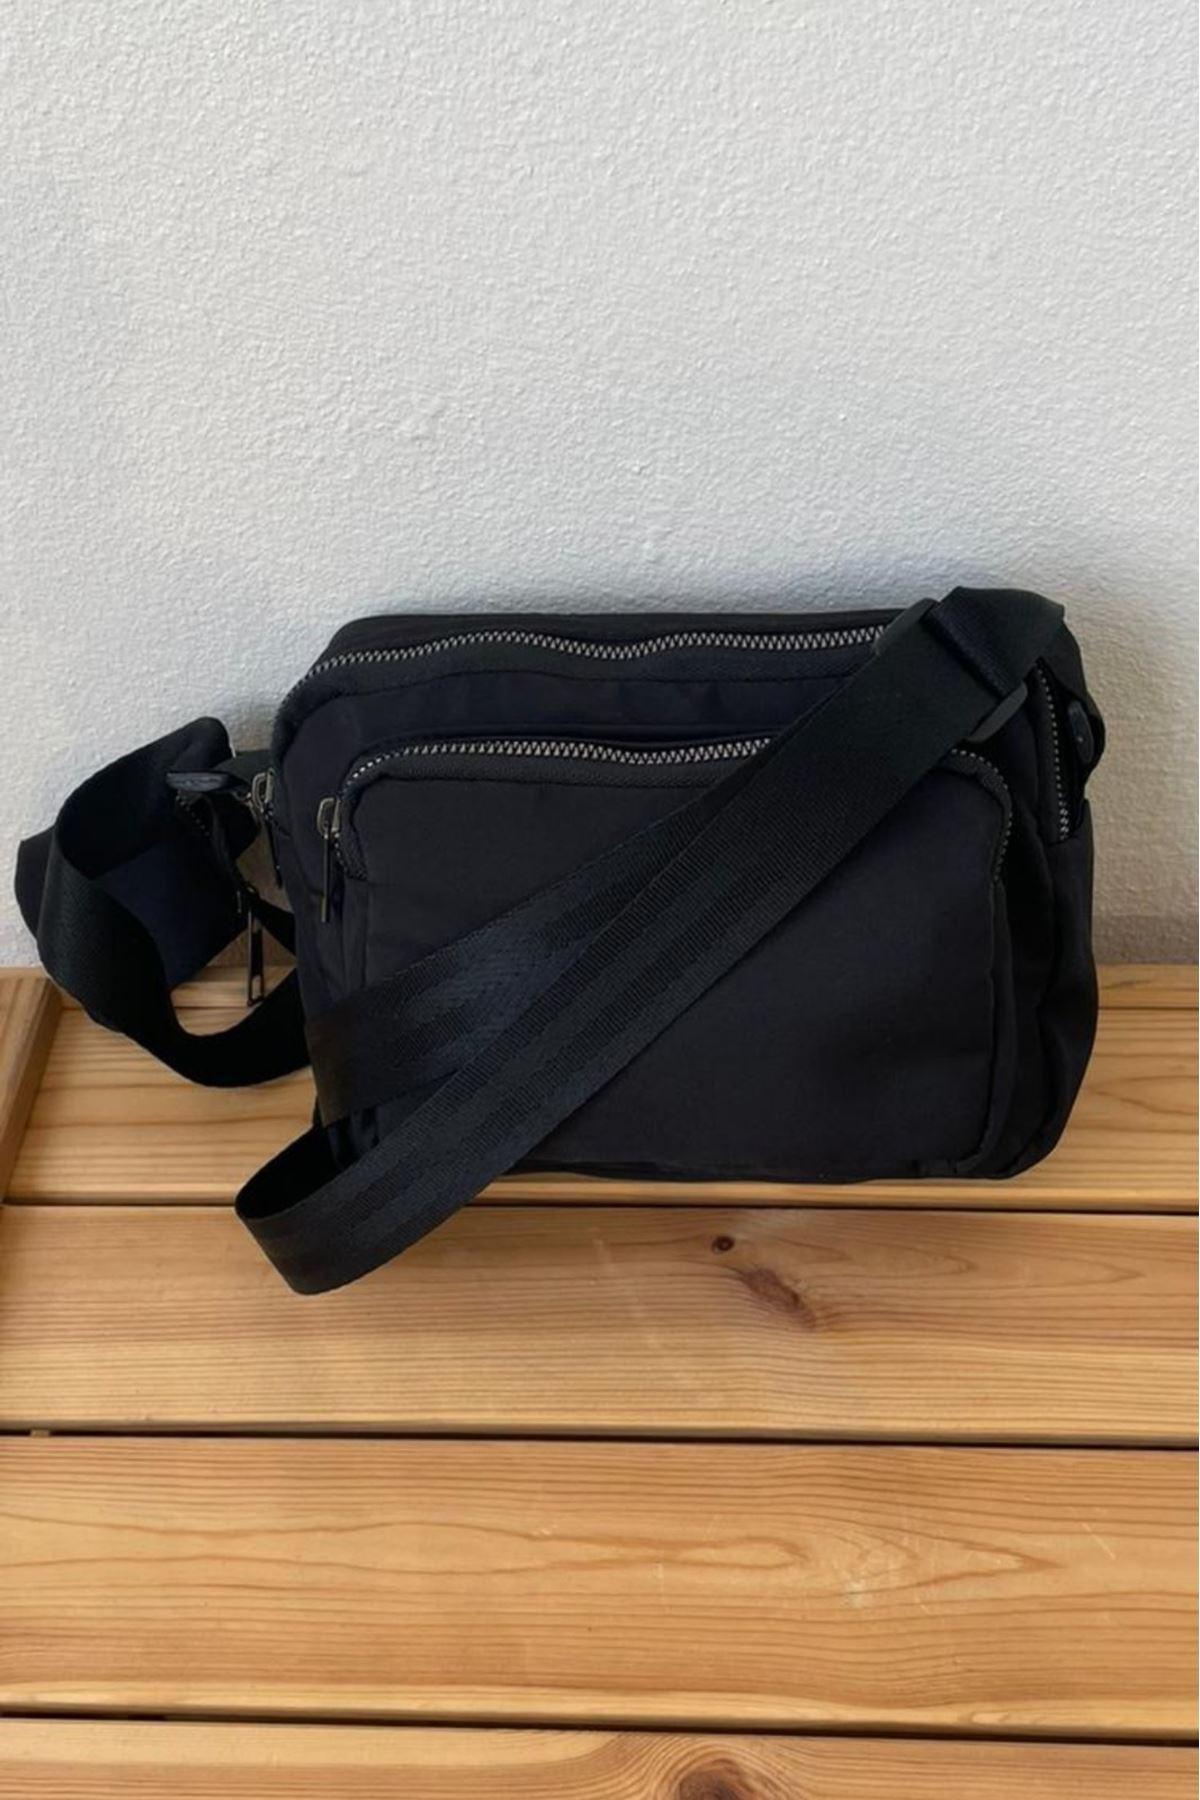 Horni Siyah Soft Kumaş Yatay Çapraz Çanta